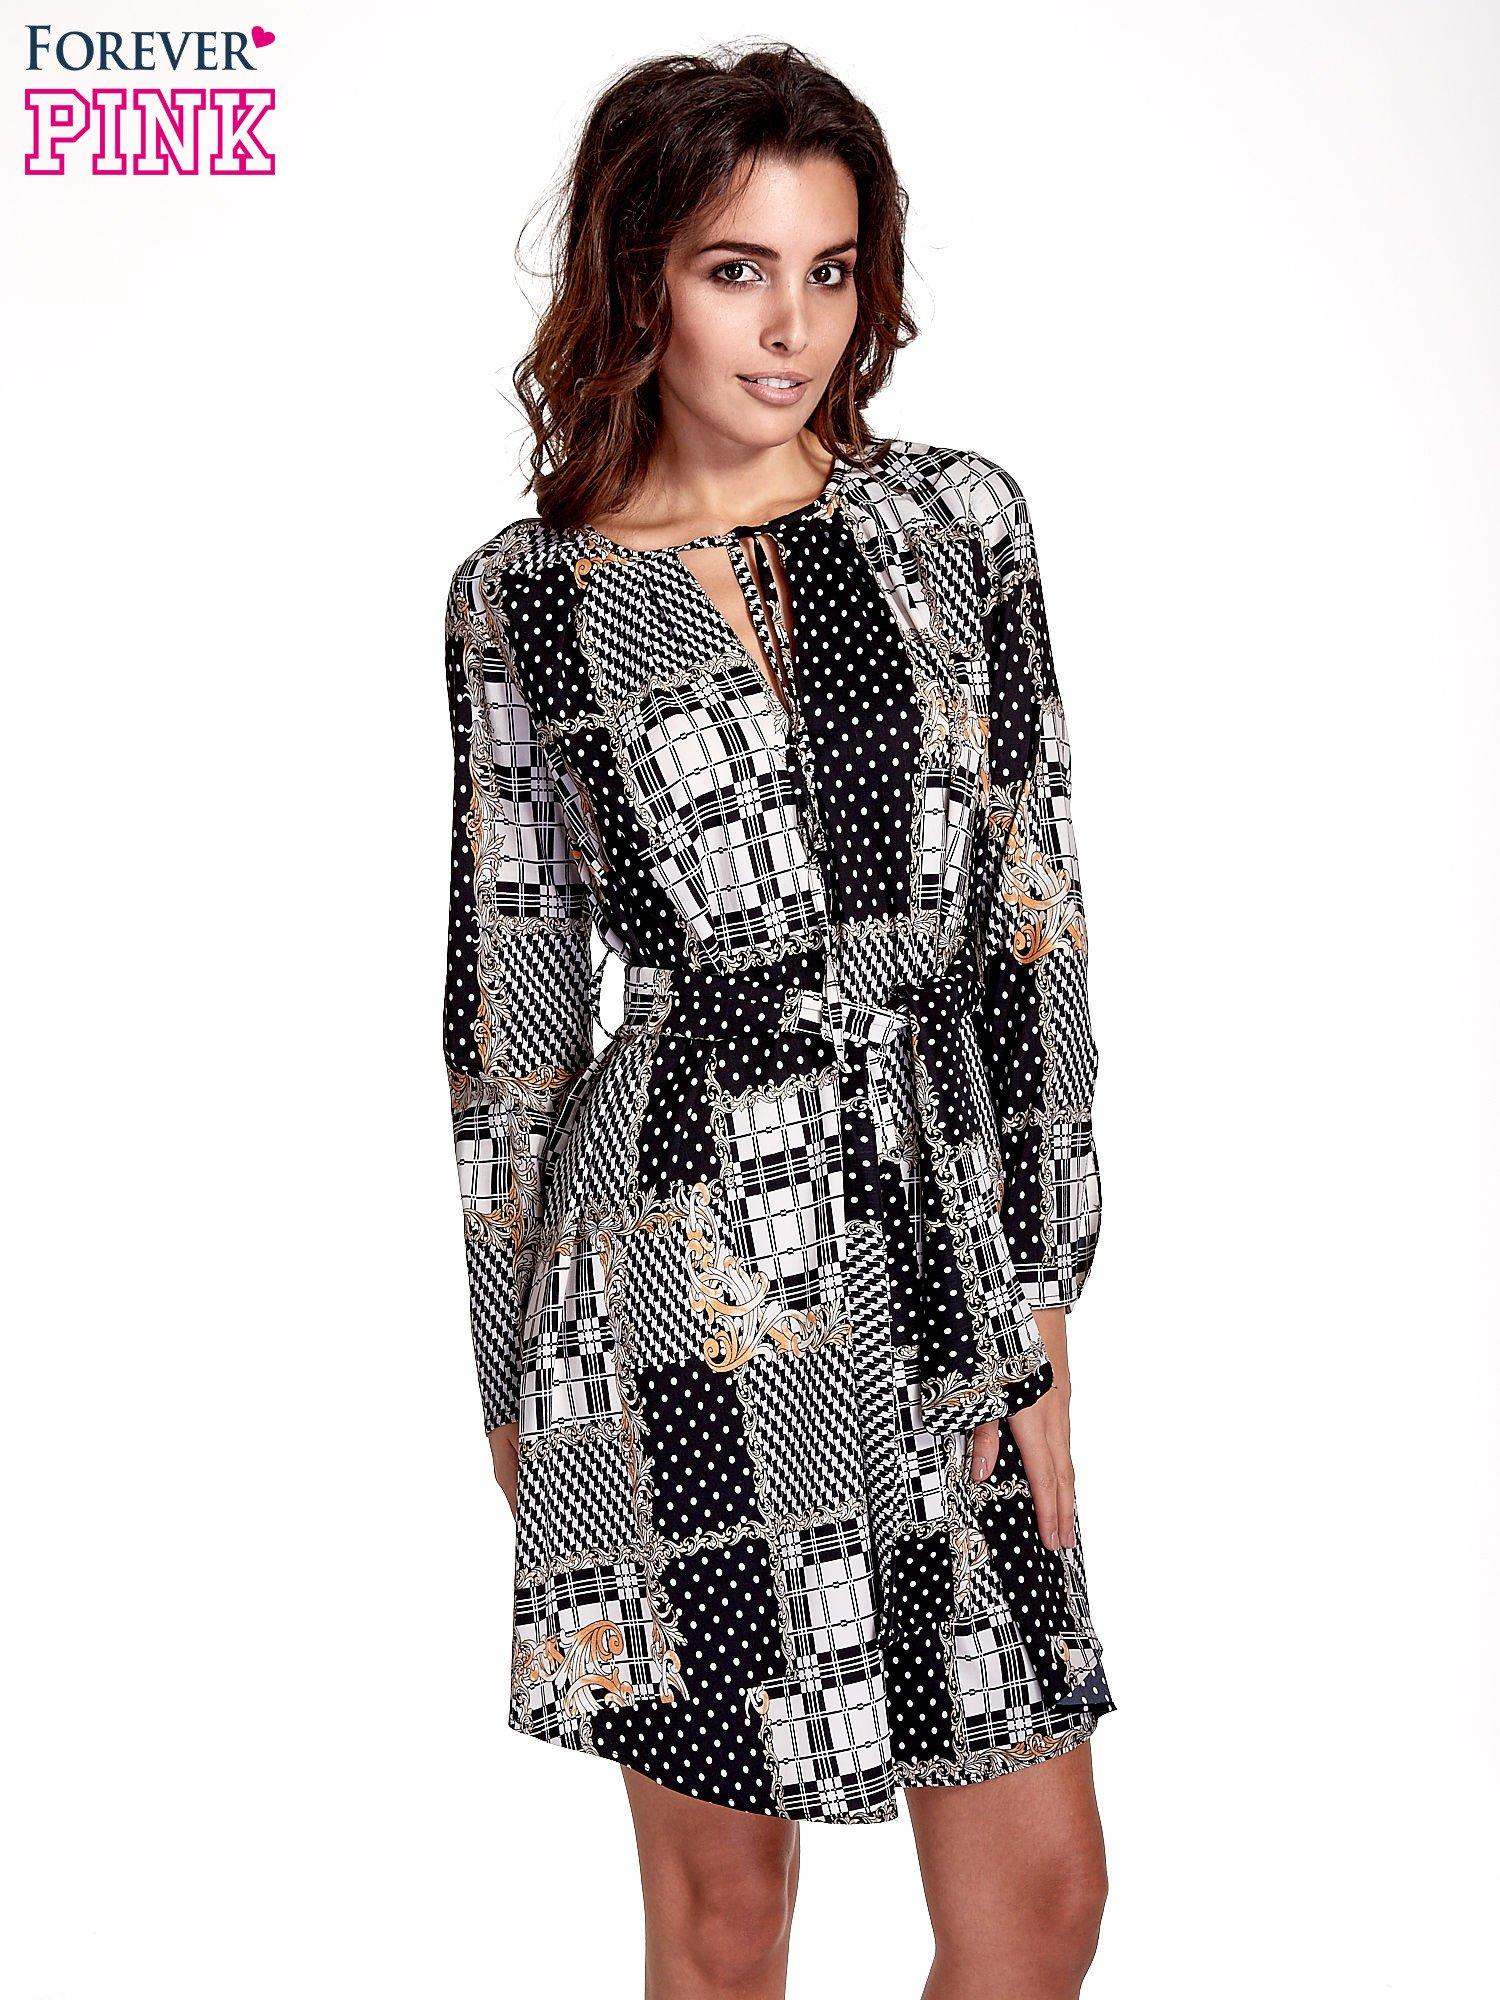 Czarna sukienka z nadrukami i wiązaniem w pasie                                  zdj.                                  1